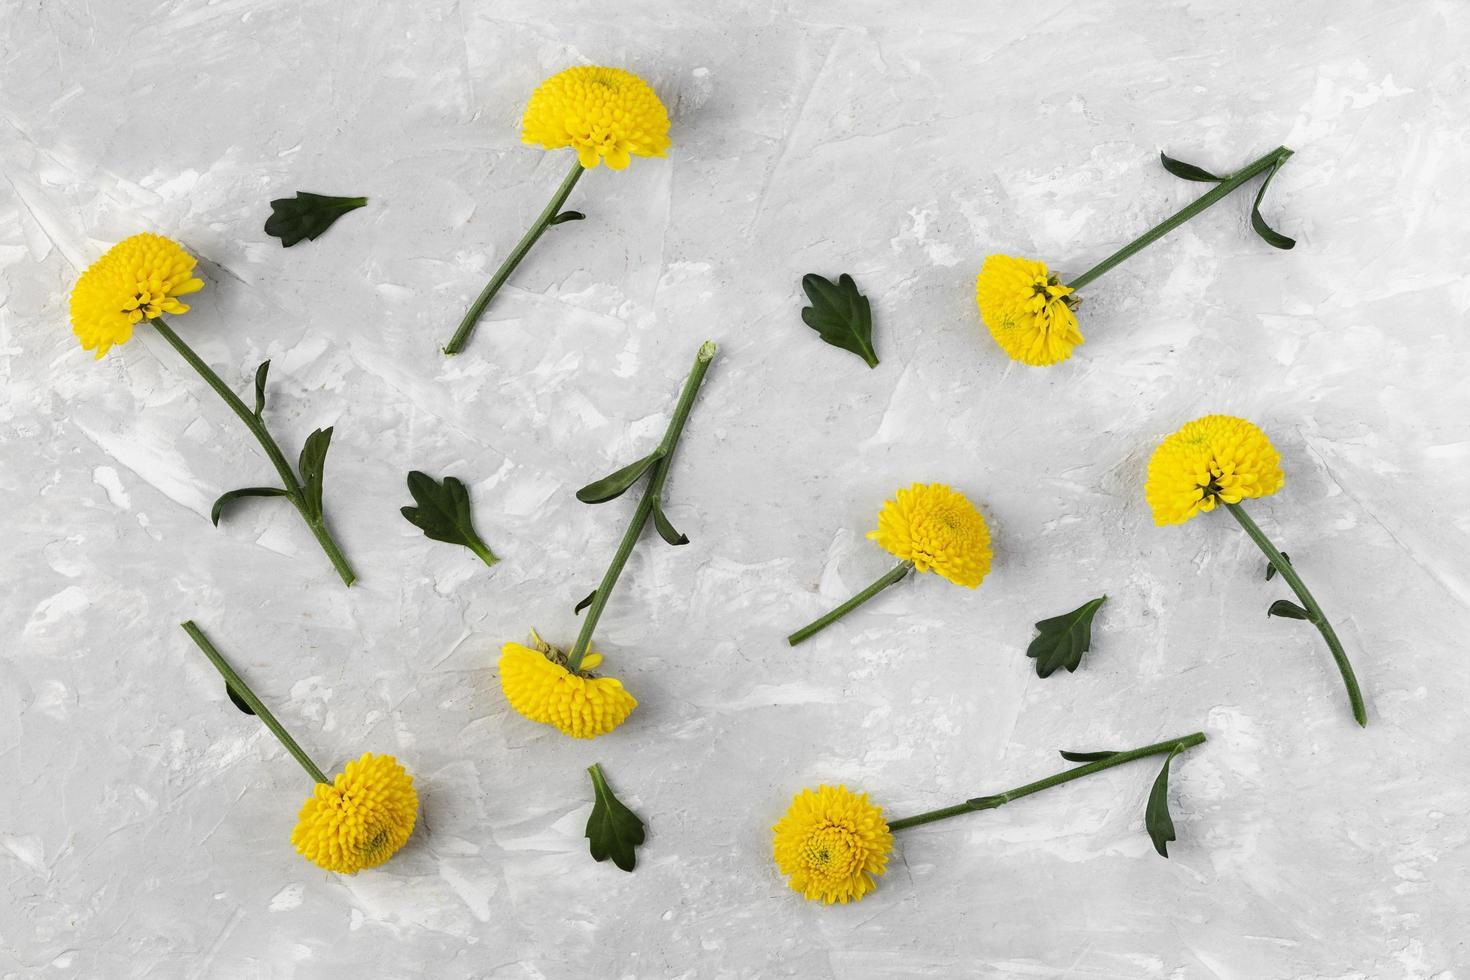 fiori gialli piatti laici su sfondo neutro foto